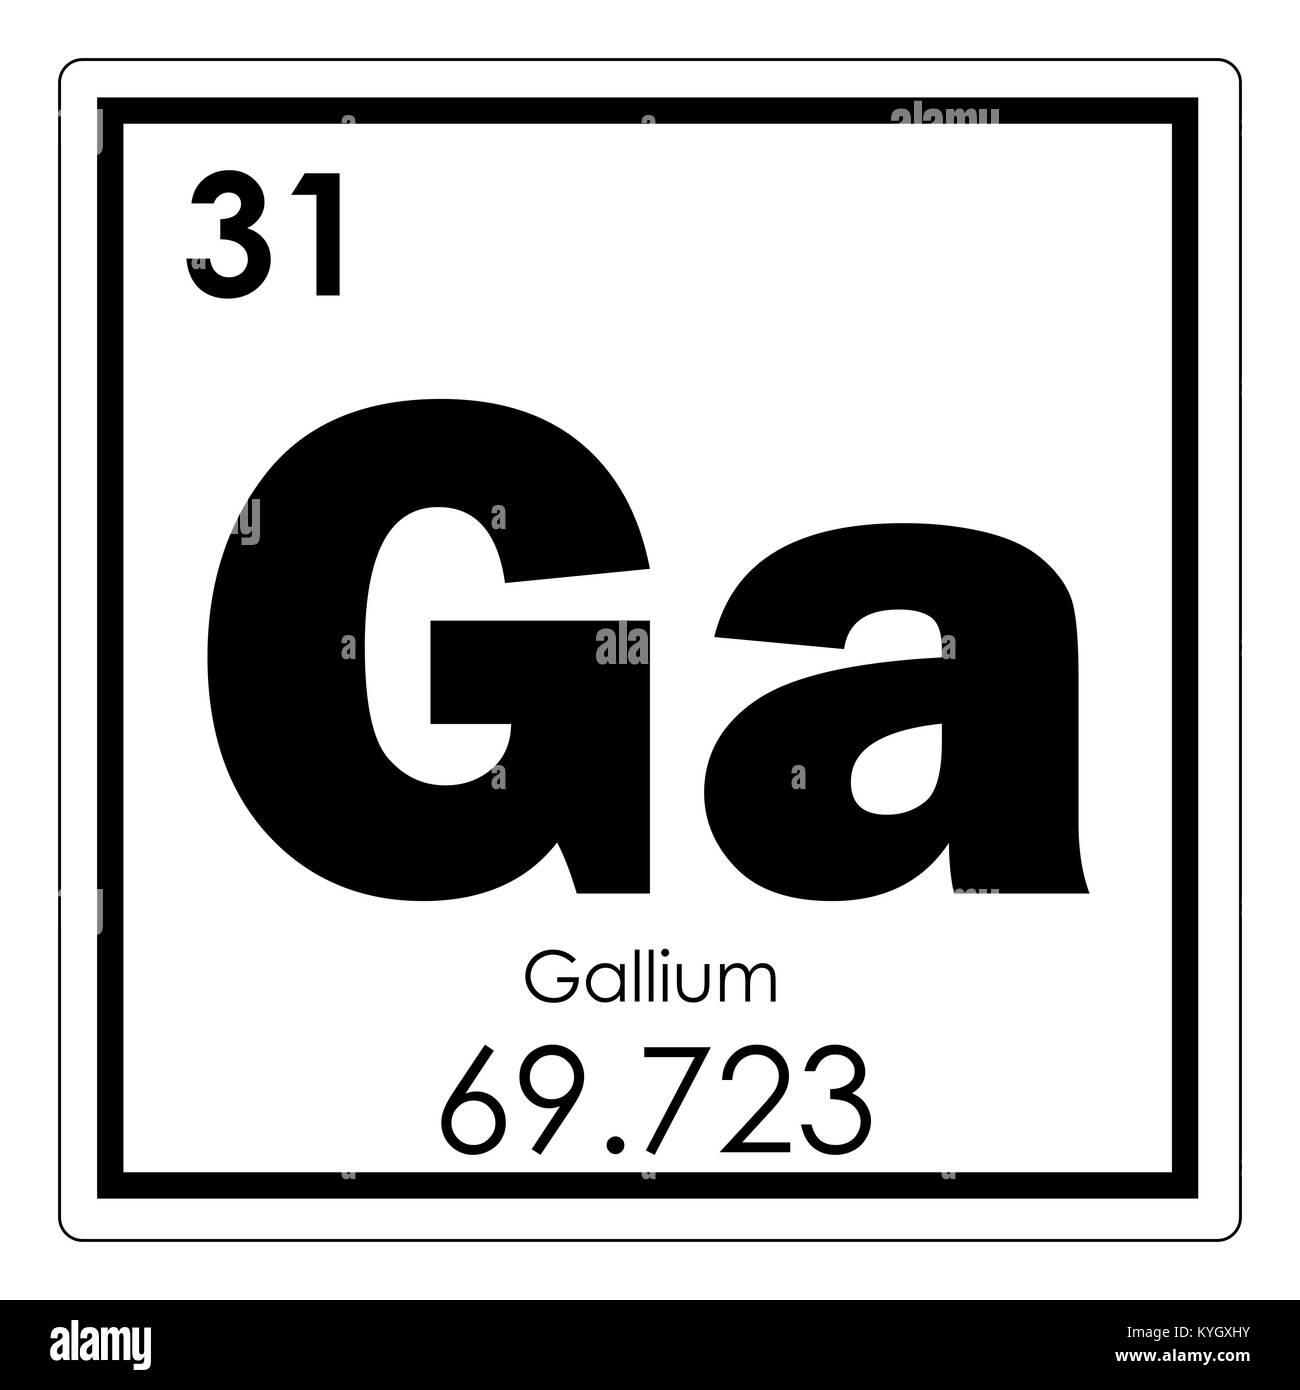 tabla peridica de elementos qumicos galio smbolo de ciencia - Tabla Periodica De Los Elementos Galio